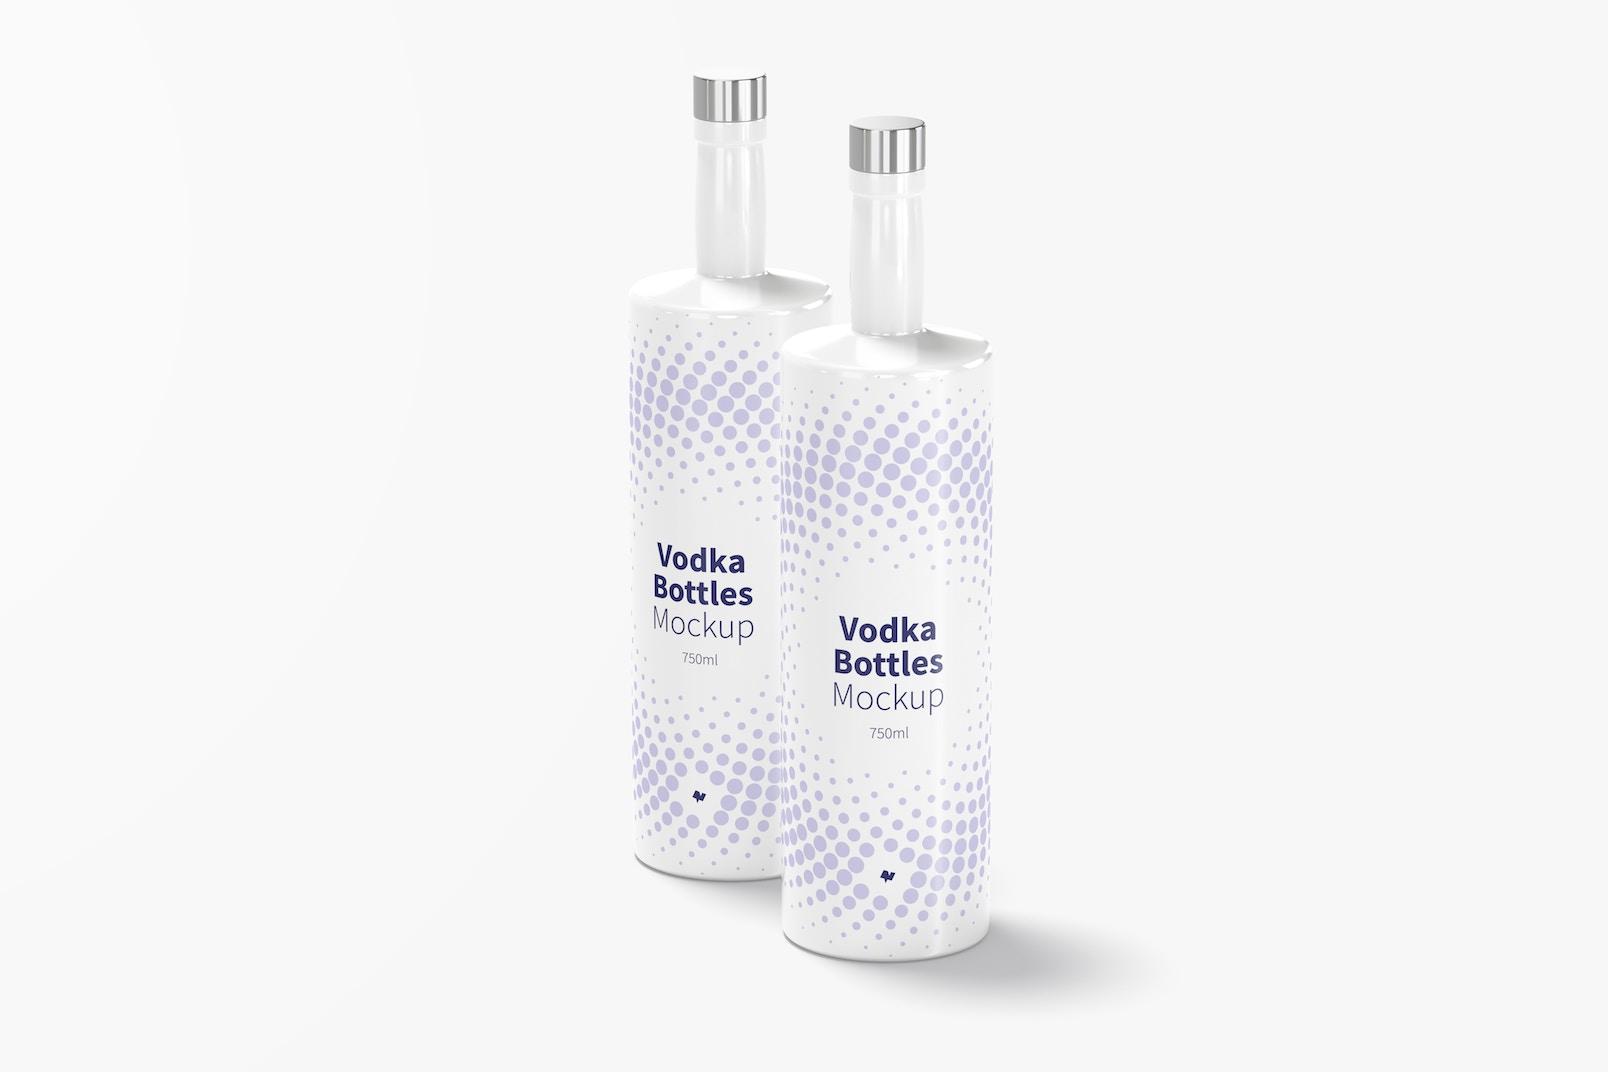 Vodka Bottles Mockup, Front View